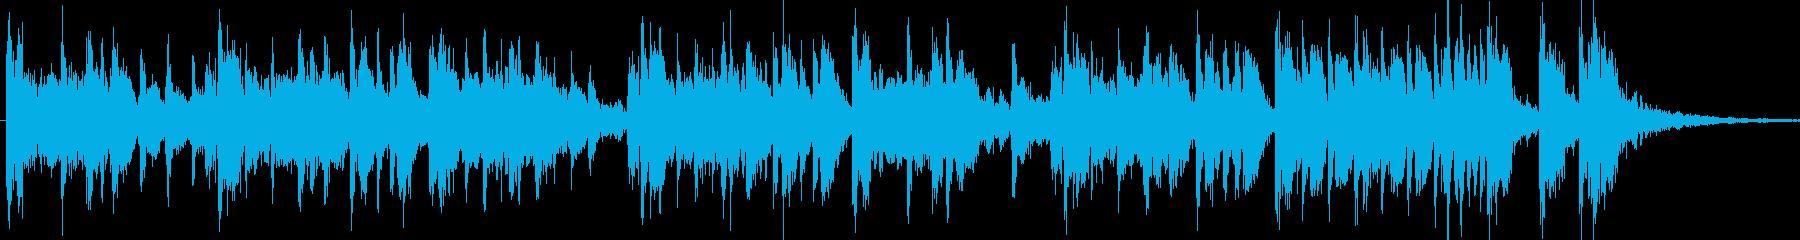 津軽三味線と太鼓のクールなジングル15秒の再生済みの波形